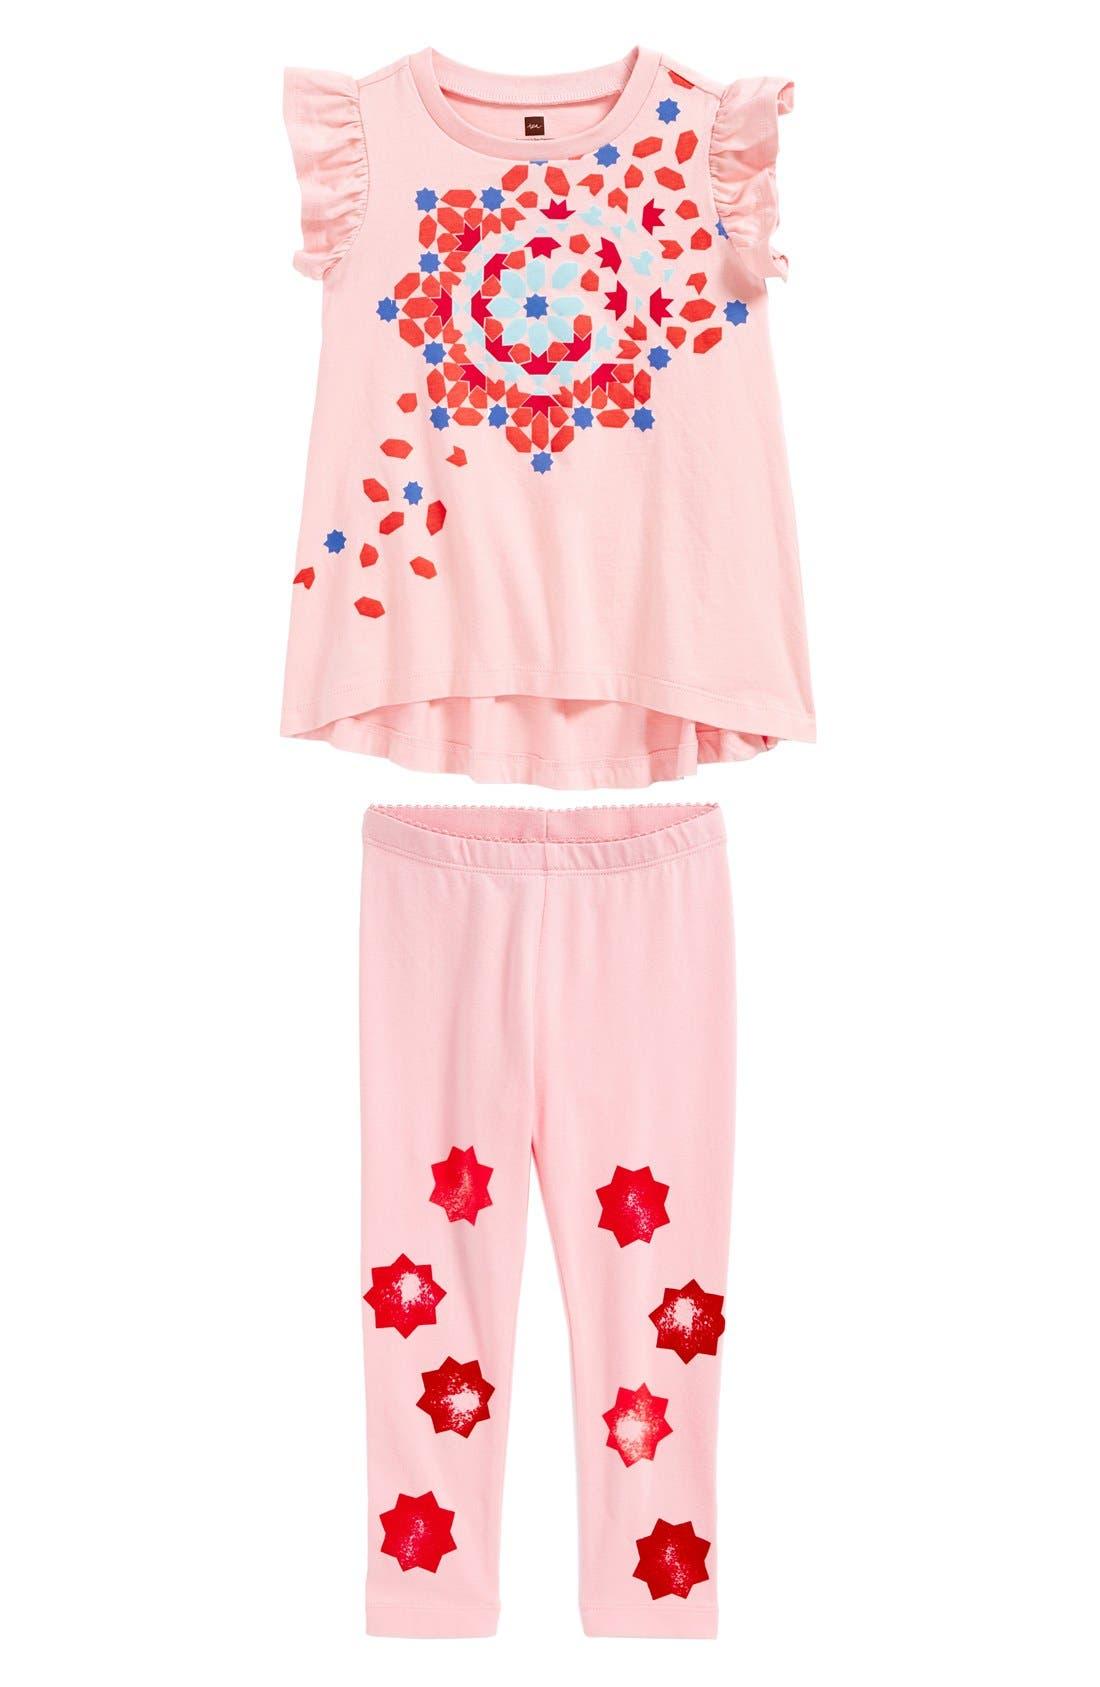 Main Image - Tea Collection Tee & Leggings (Toddler Girls)